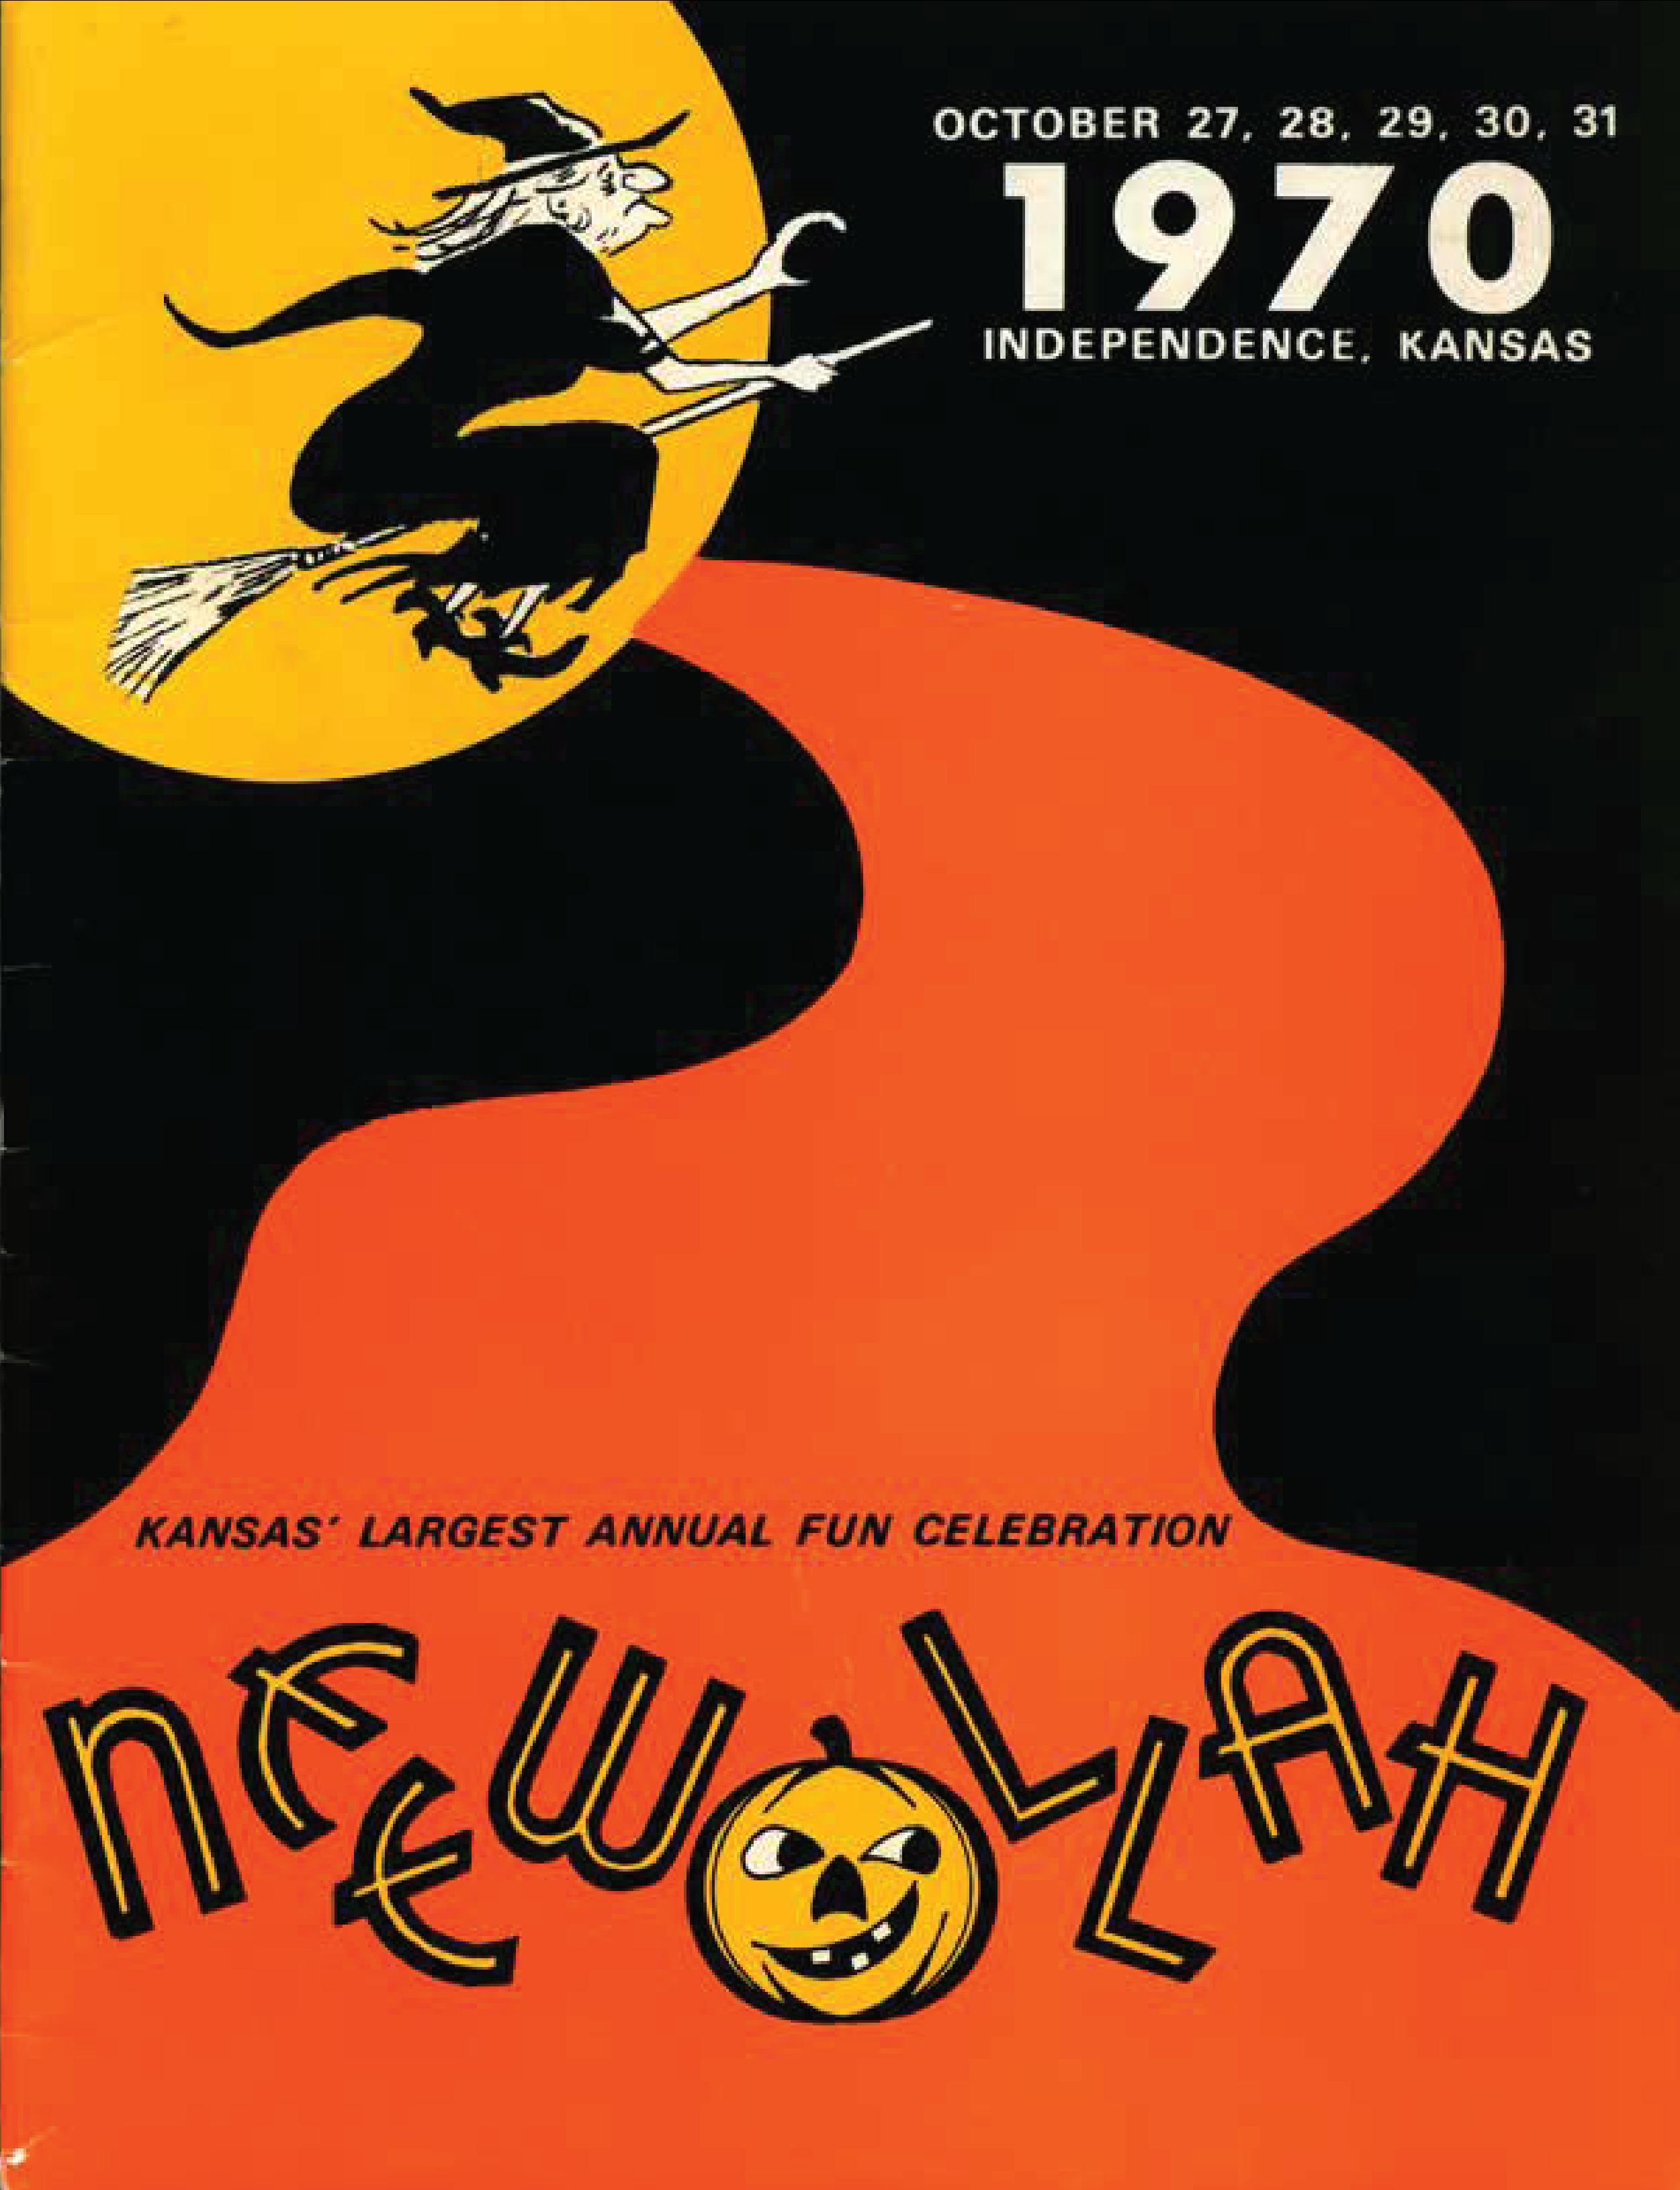 Neewollah 1970